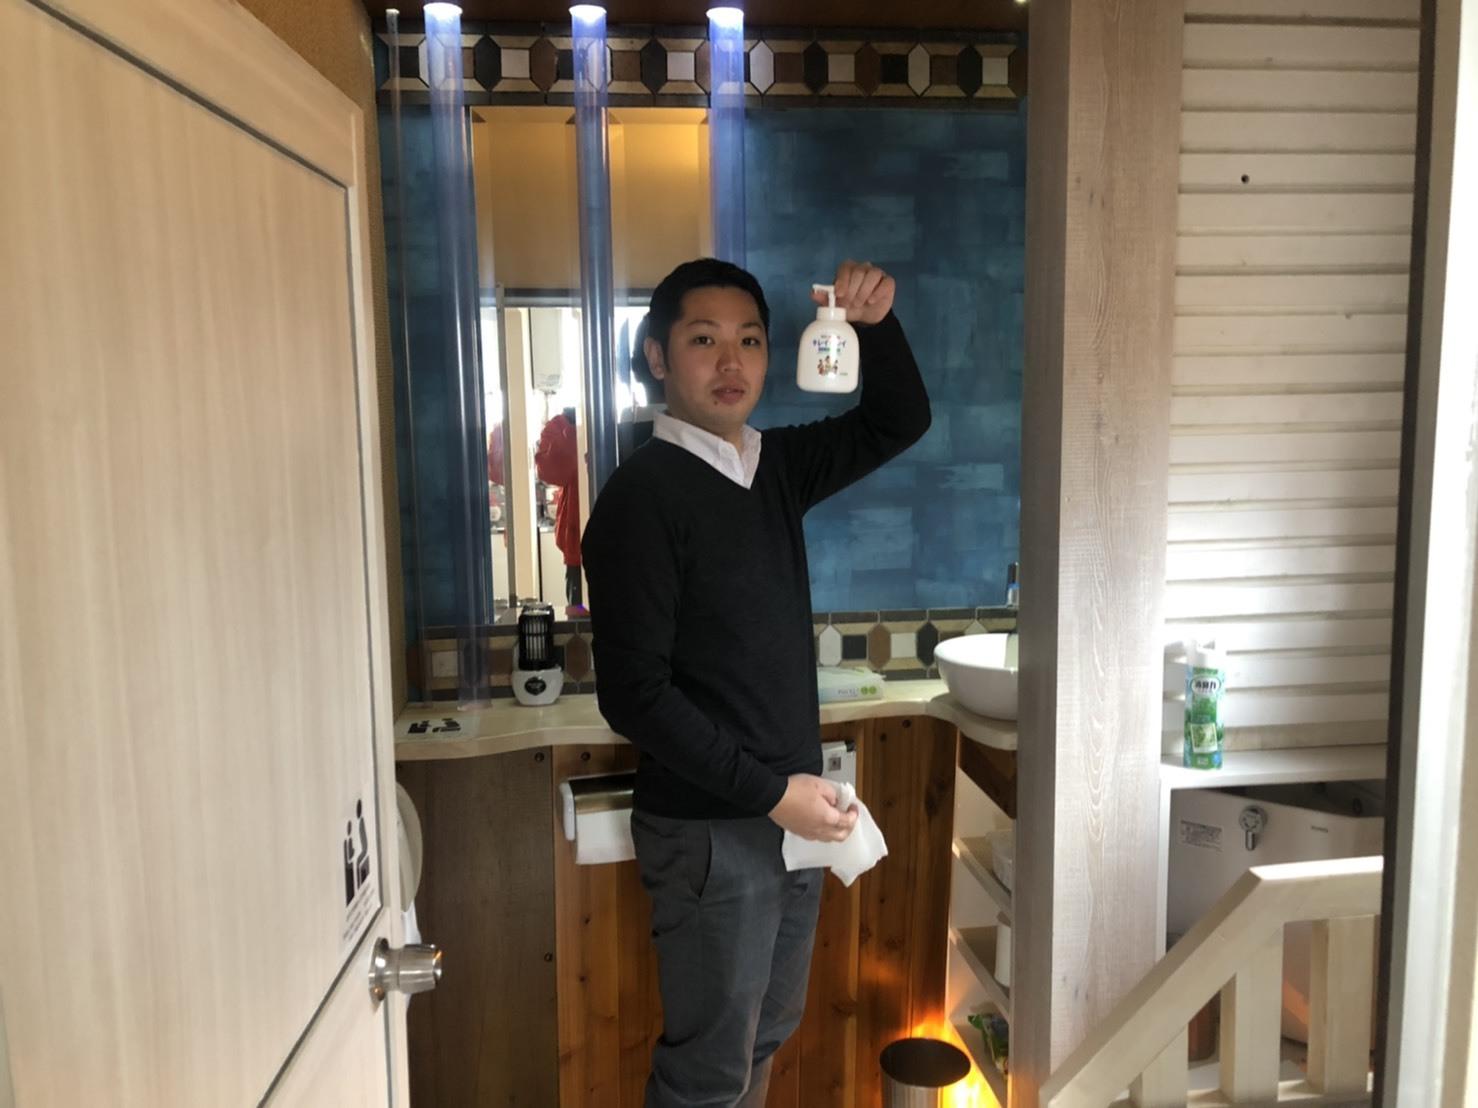 11月5日(火)TOMMYBASEブログ☆D社様GS350Fスポーツご成約✨レクサス☆クラウン☆フーガ☆スカイライン☆レガシィ☆BRZ☆限定車☆希少車☆自社ローン_b0127002_15163919.jpg